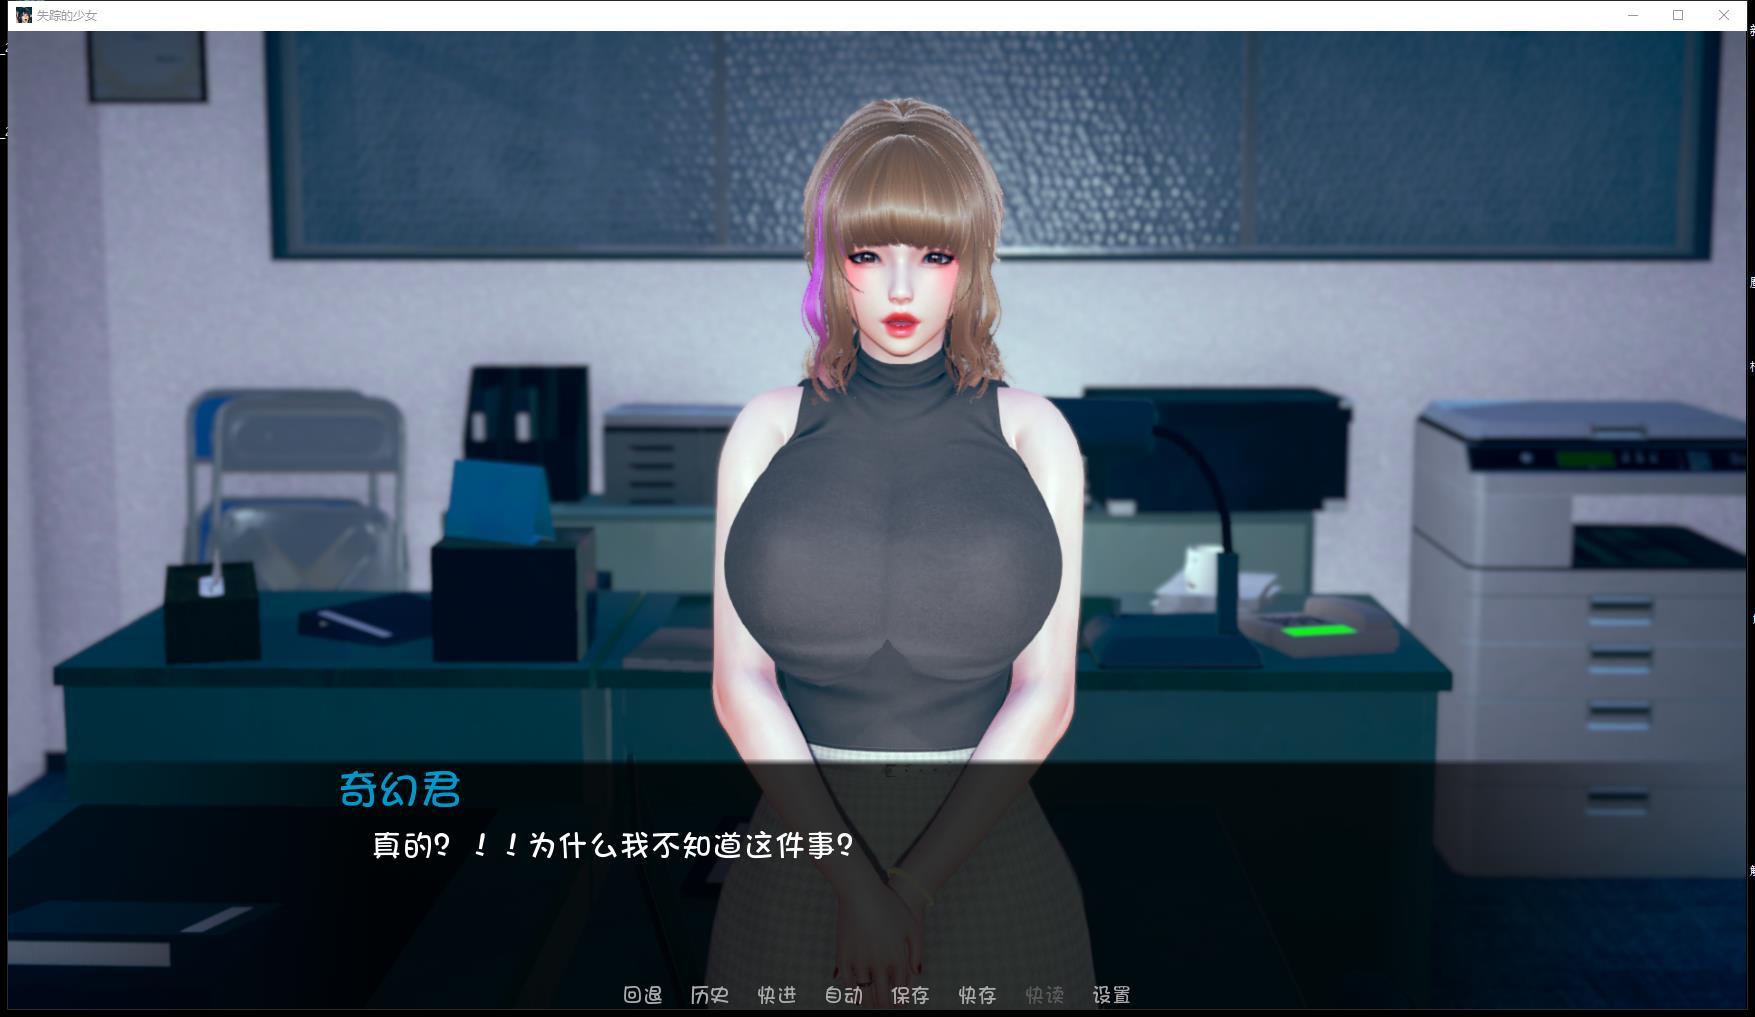 失踪的少女 V0.1.4asd PC+安卓最新汉化版【4G/欧美SLG/奇幻汉化】 安卓端-第3张